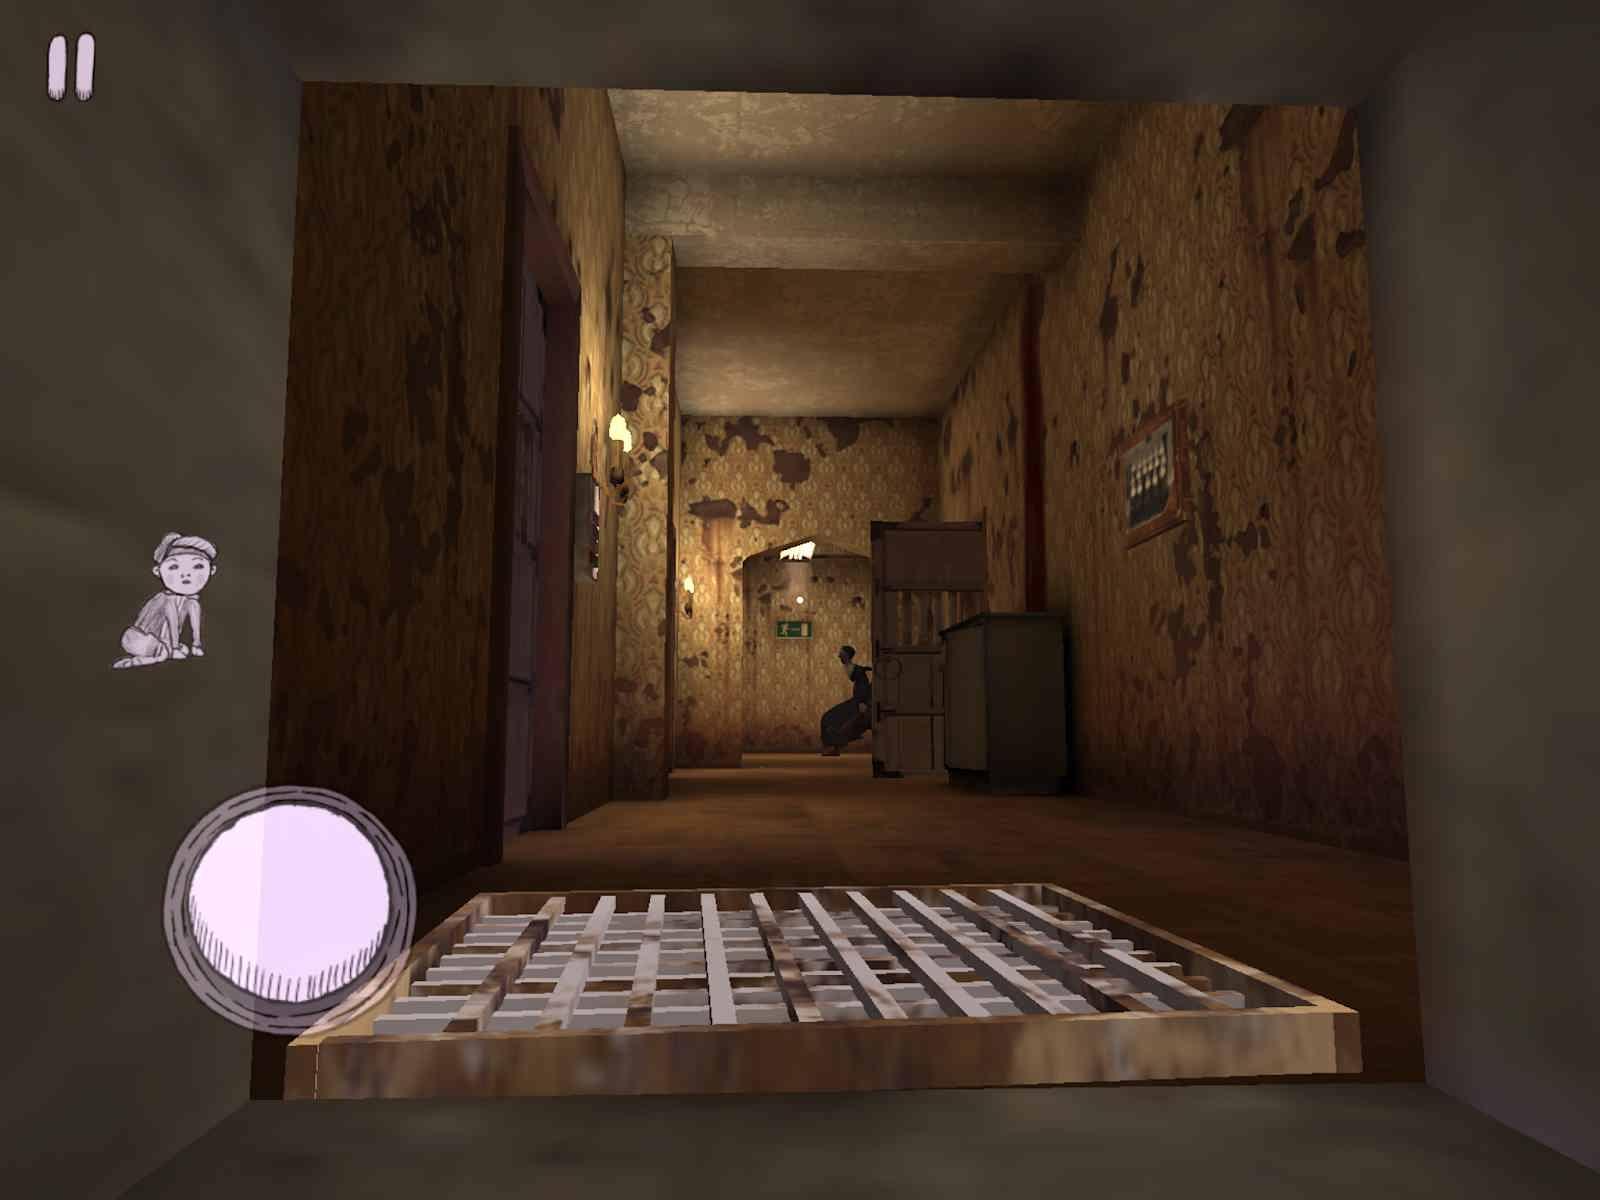 دانلود Evil Nun : Scary Horror Game Adventure 1.7.6 – بازی راهبه اهریمنی اندروید